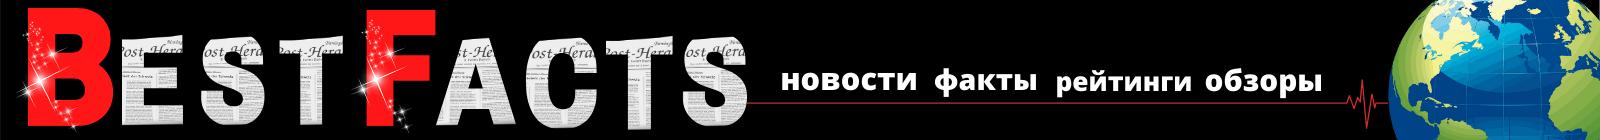 Лучшие факты, новости, рейтинги, обзоры на www.bestfacts.ru